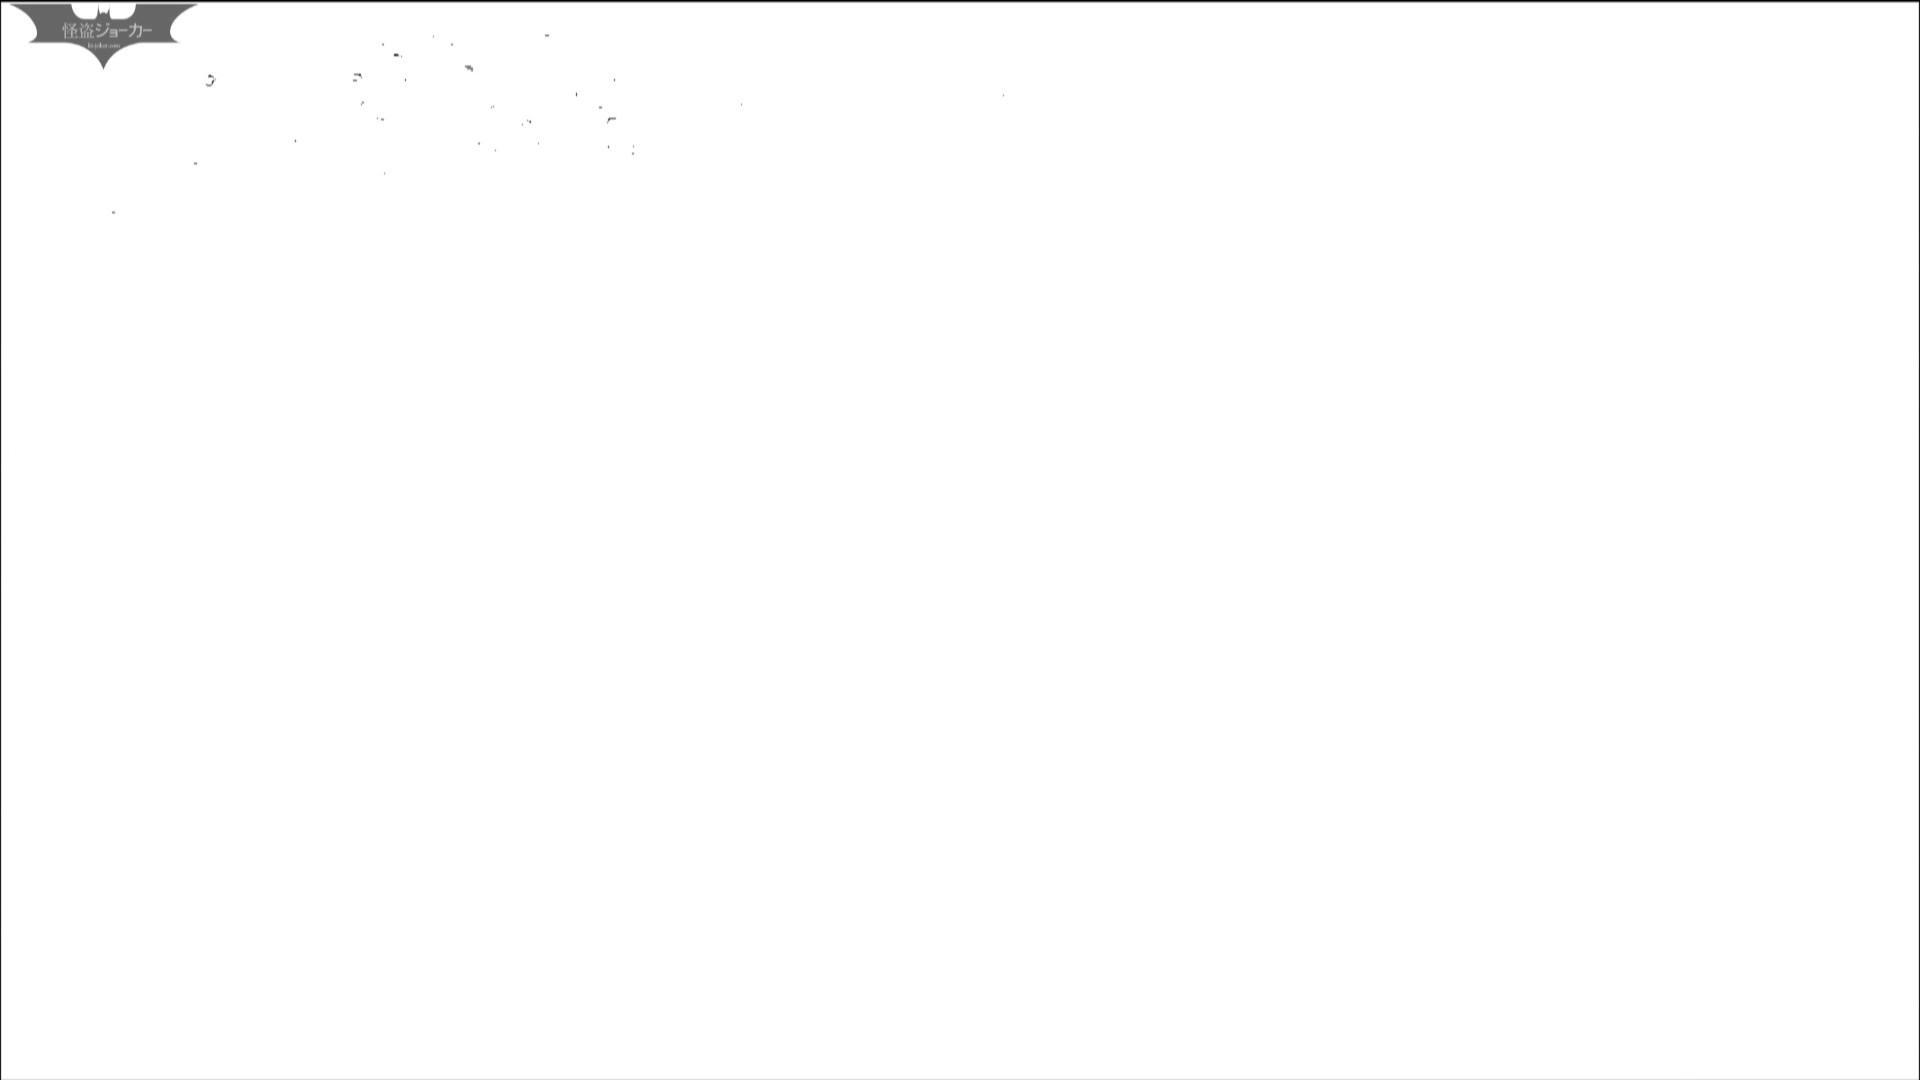 お市さんの「お尻丸出しジャンボリー」 08 三人種、4か国登場 盛合せ AV動画キャプチャ 108枚 15